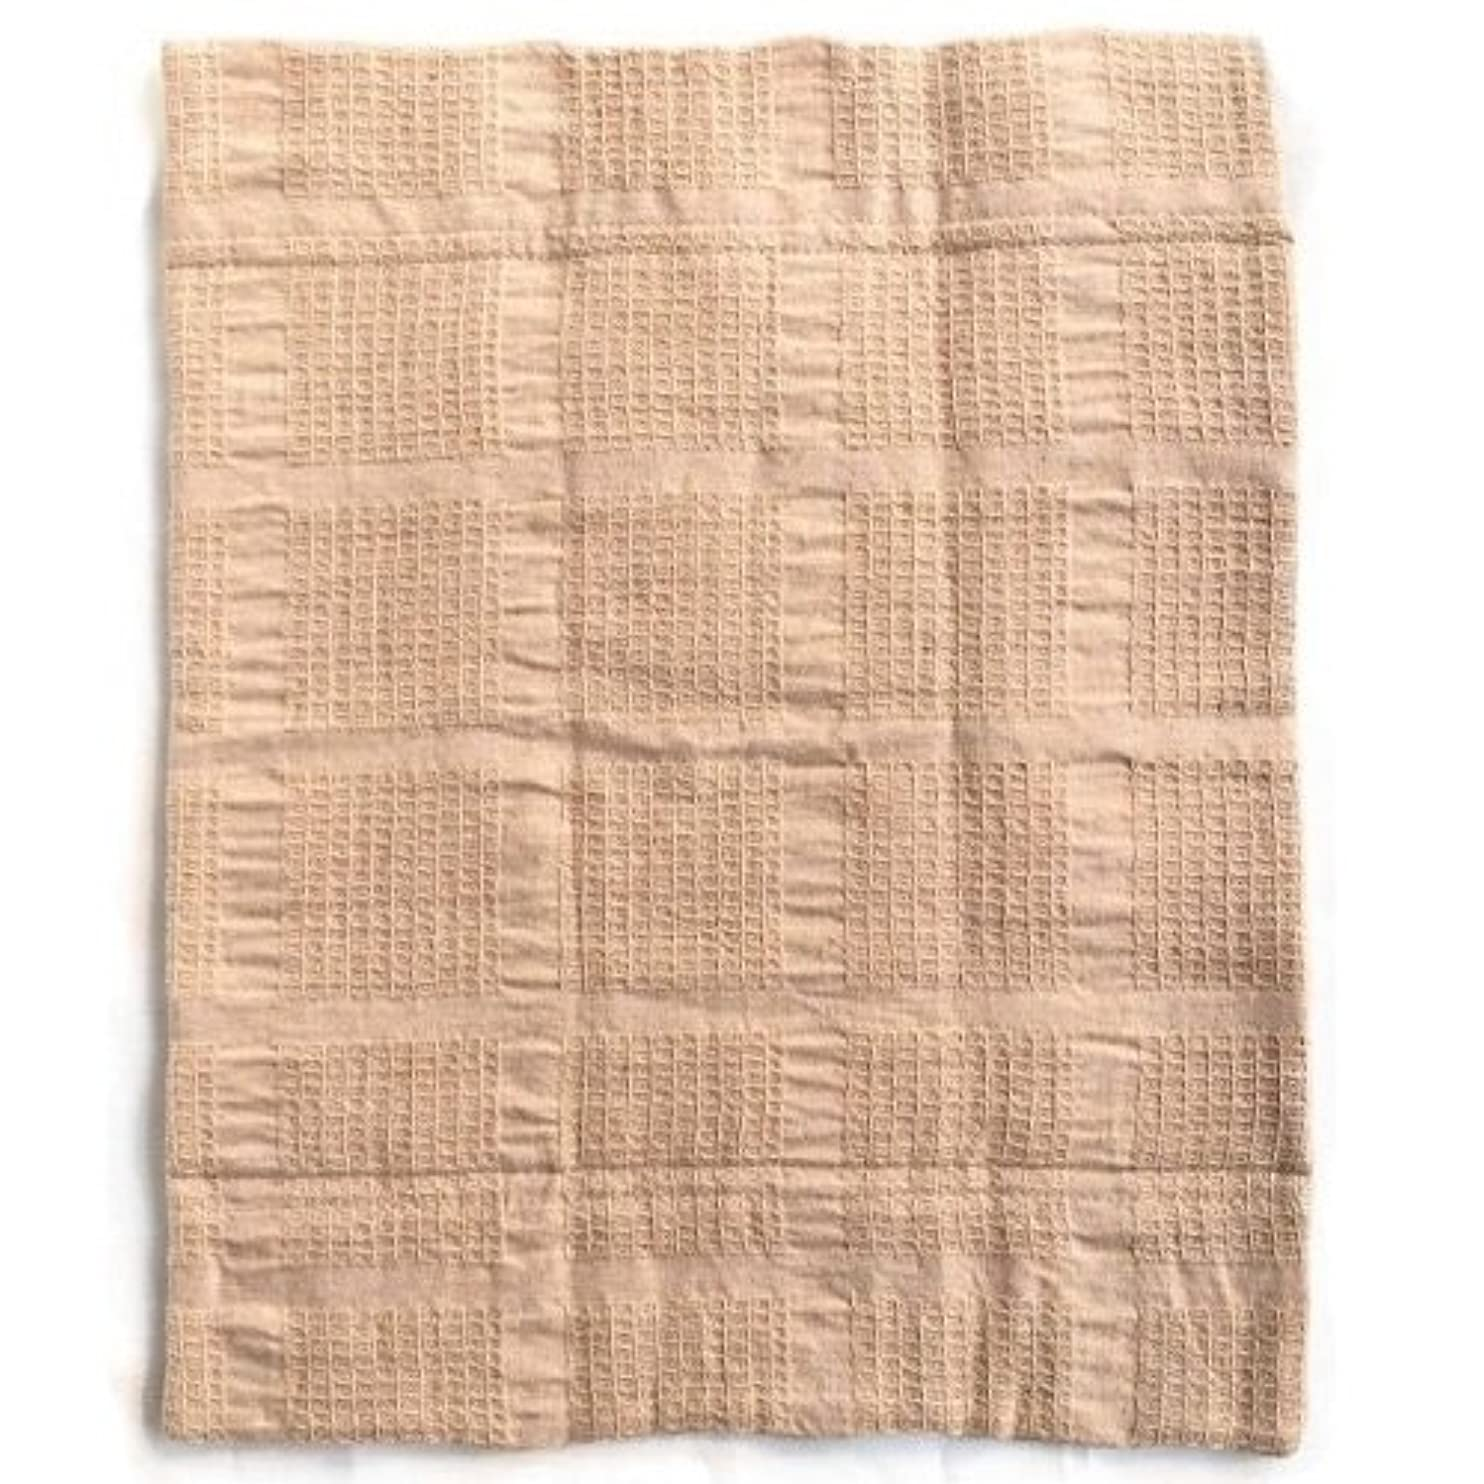 競合他社選手増加する仮定する華布のオーガニックコットンの布ナプキン LLサイズ(約28cm×約35cm) 1枚入り